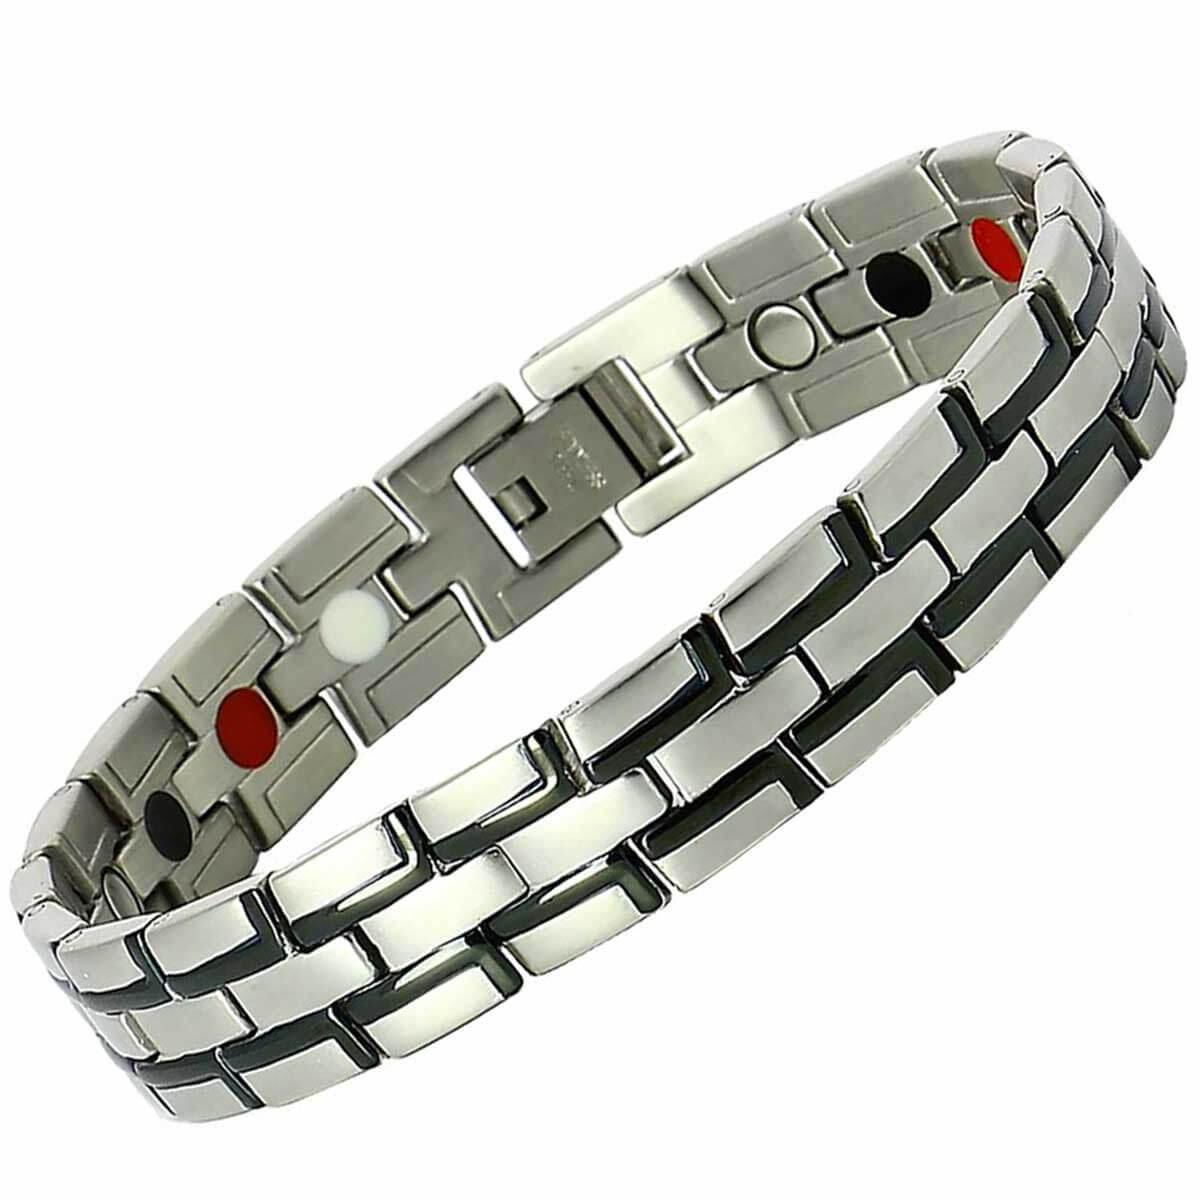 Bracelet magnétique avec ces éléments infra rouge lointains (en rouge)